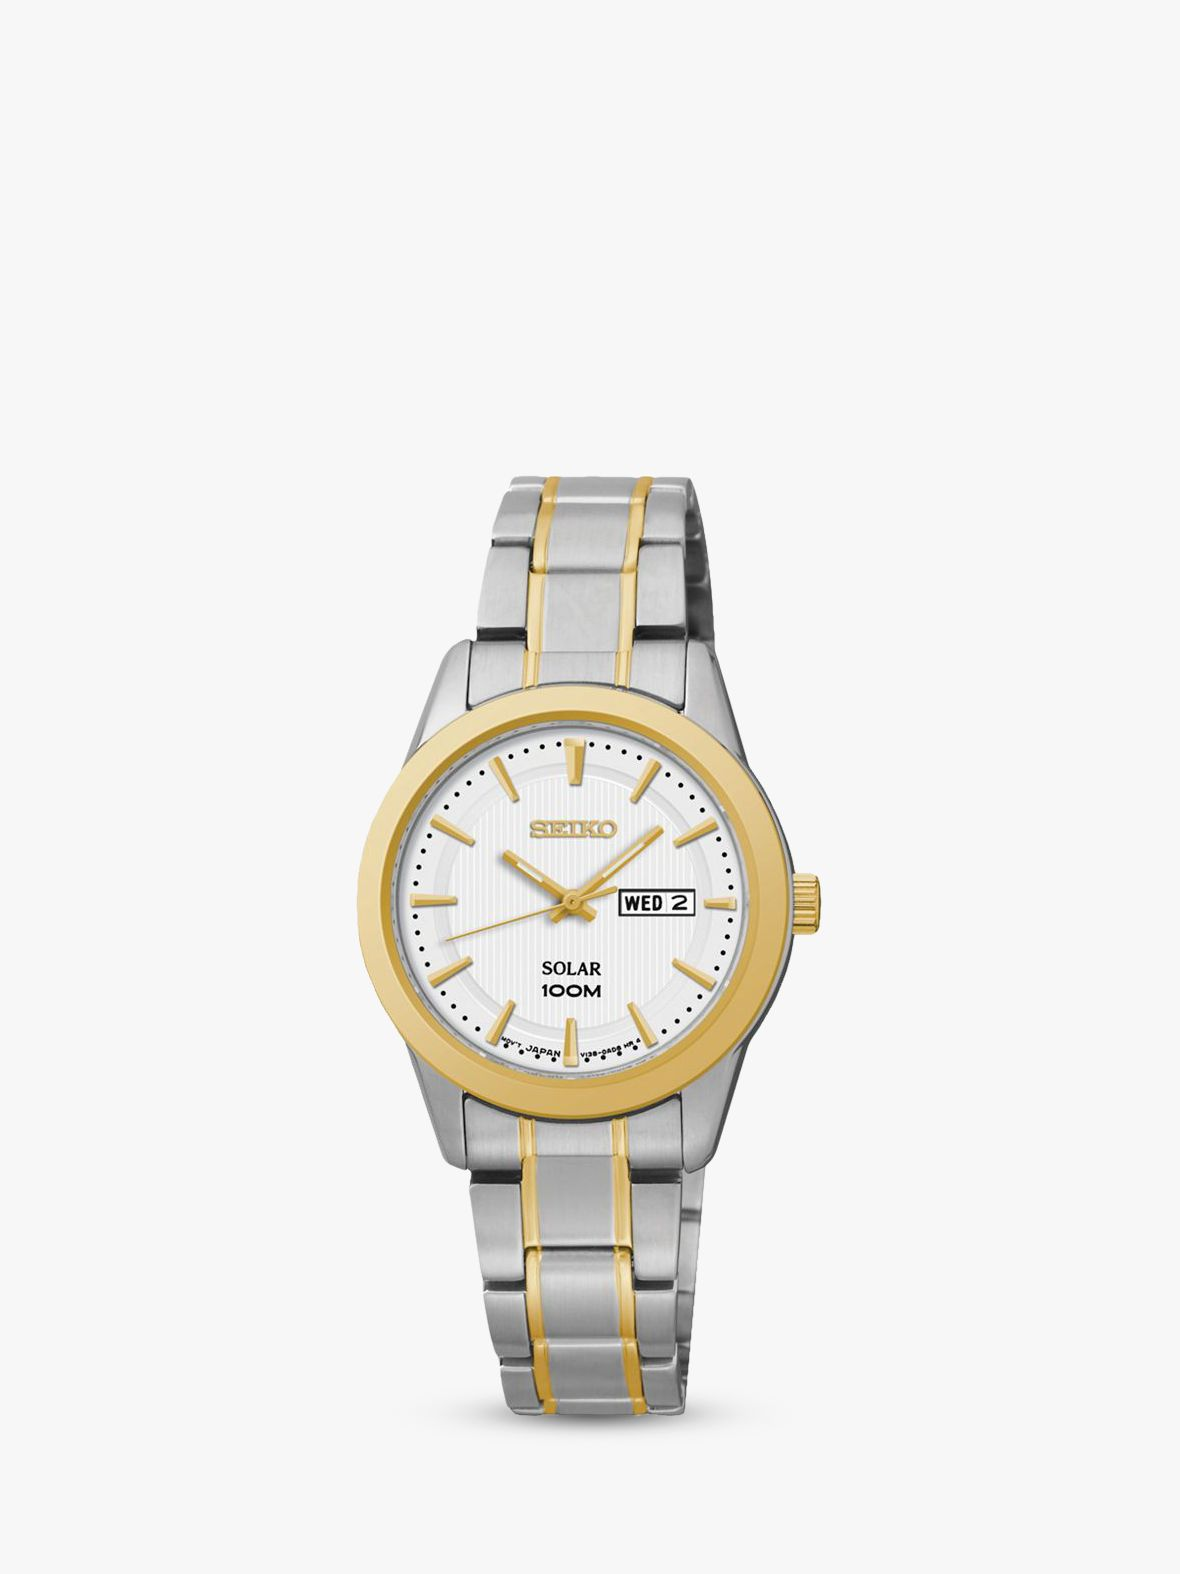 Seiko Seiko SUT162P1 Women's Solar Stainless Steel Bracelet Strap Watch, Silver/Gold